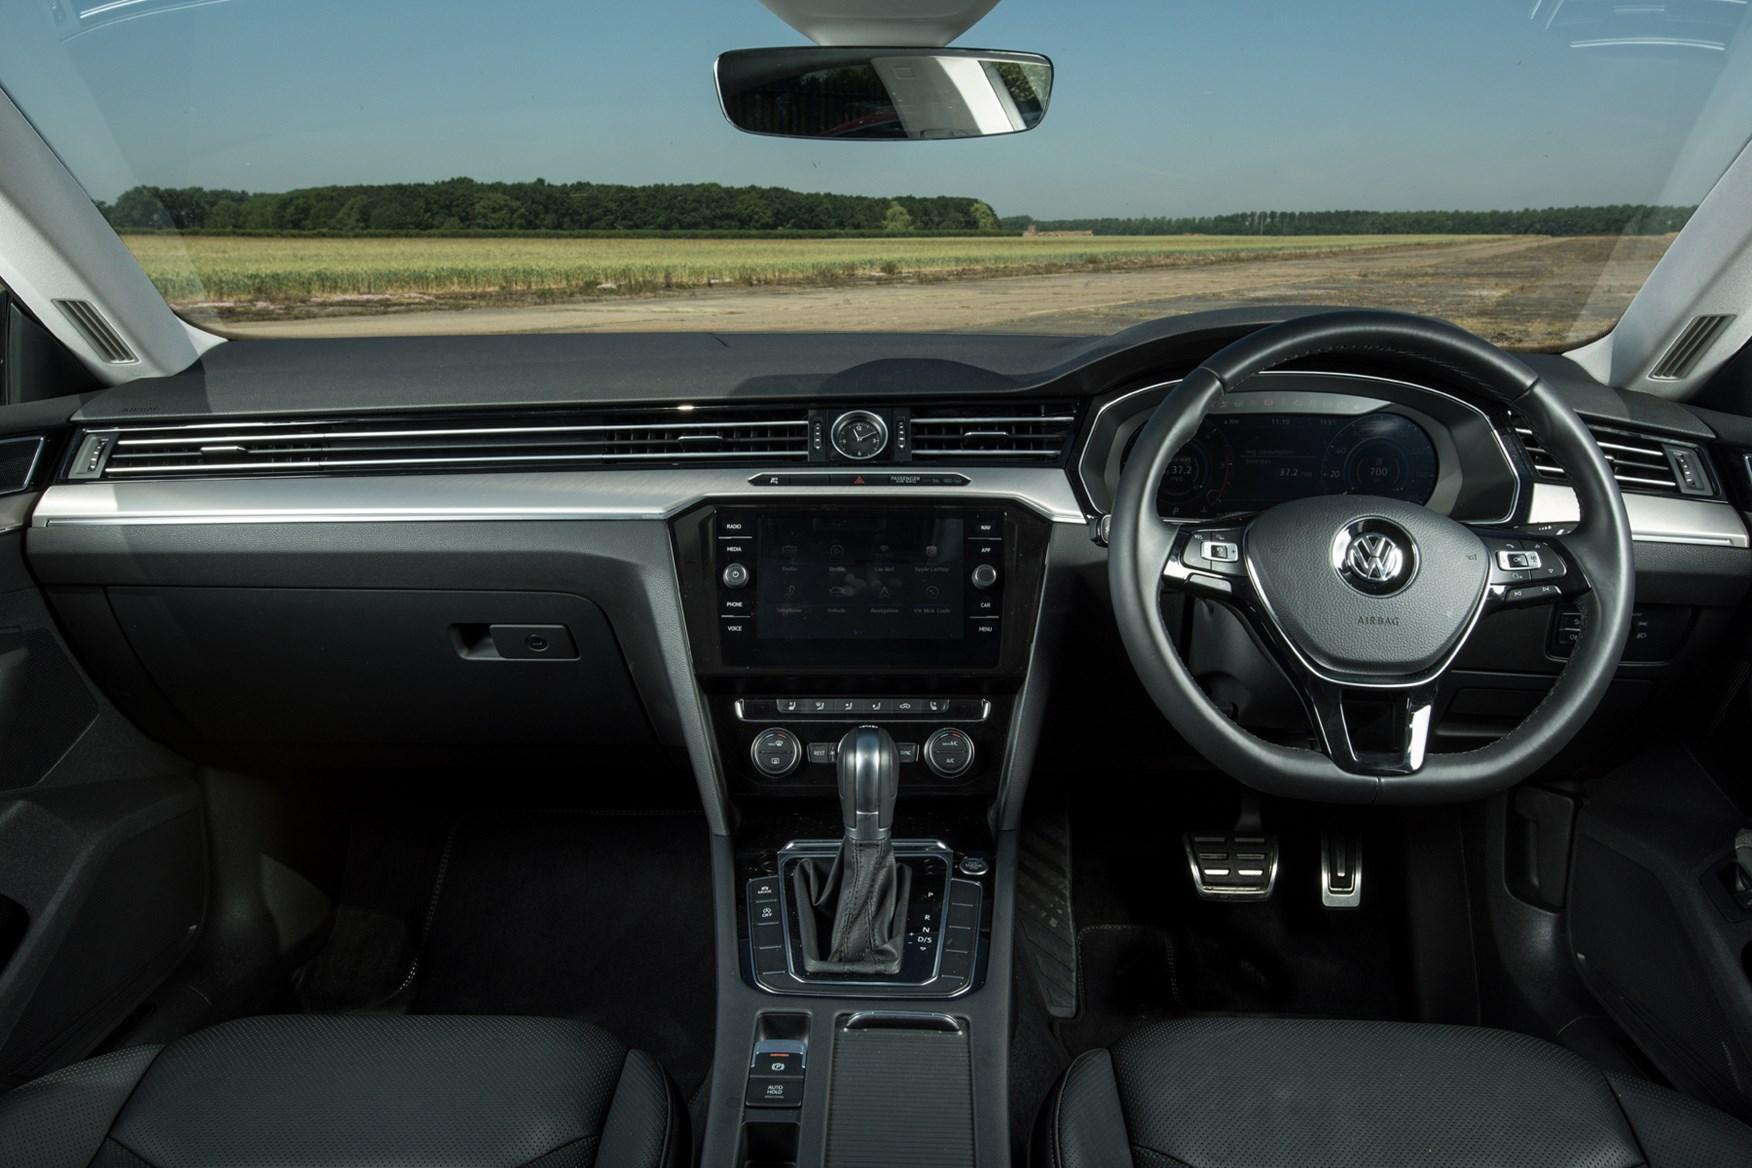 VW Arteon cabin